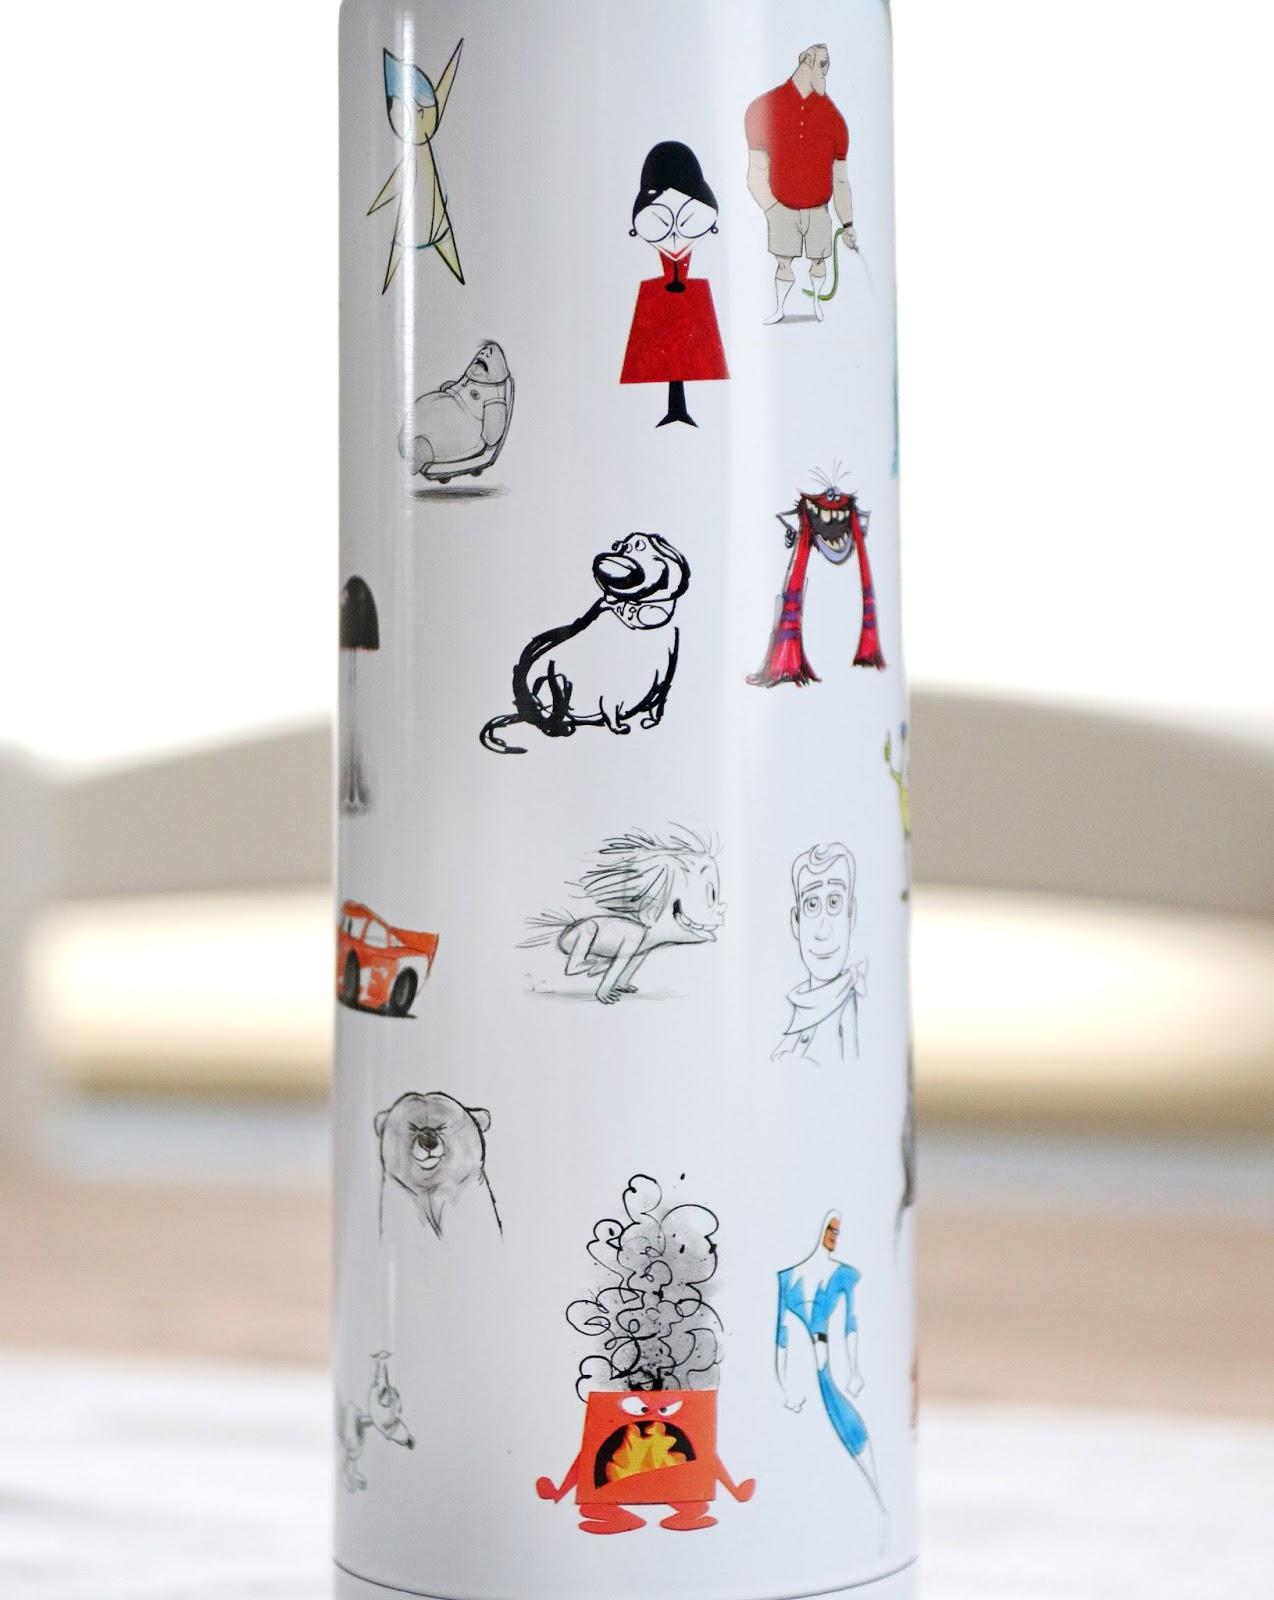 d23 expo pixar concept sketch art water bottle